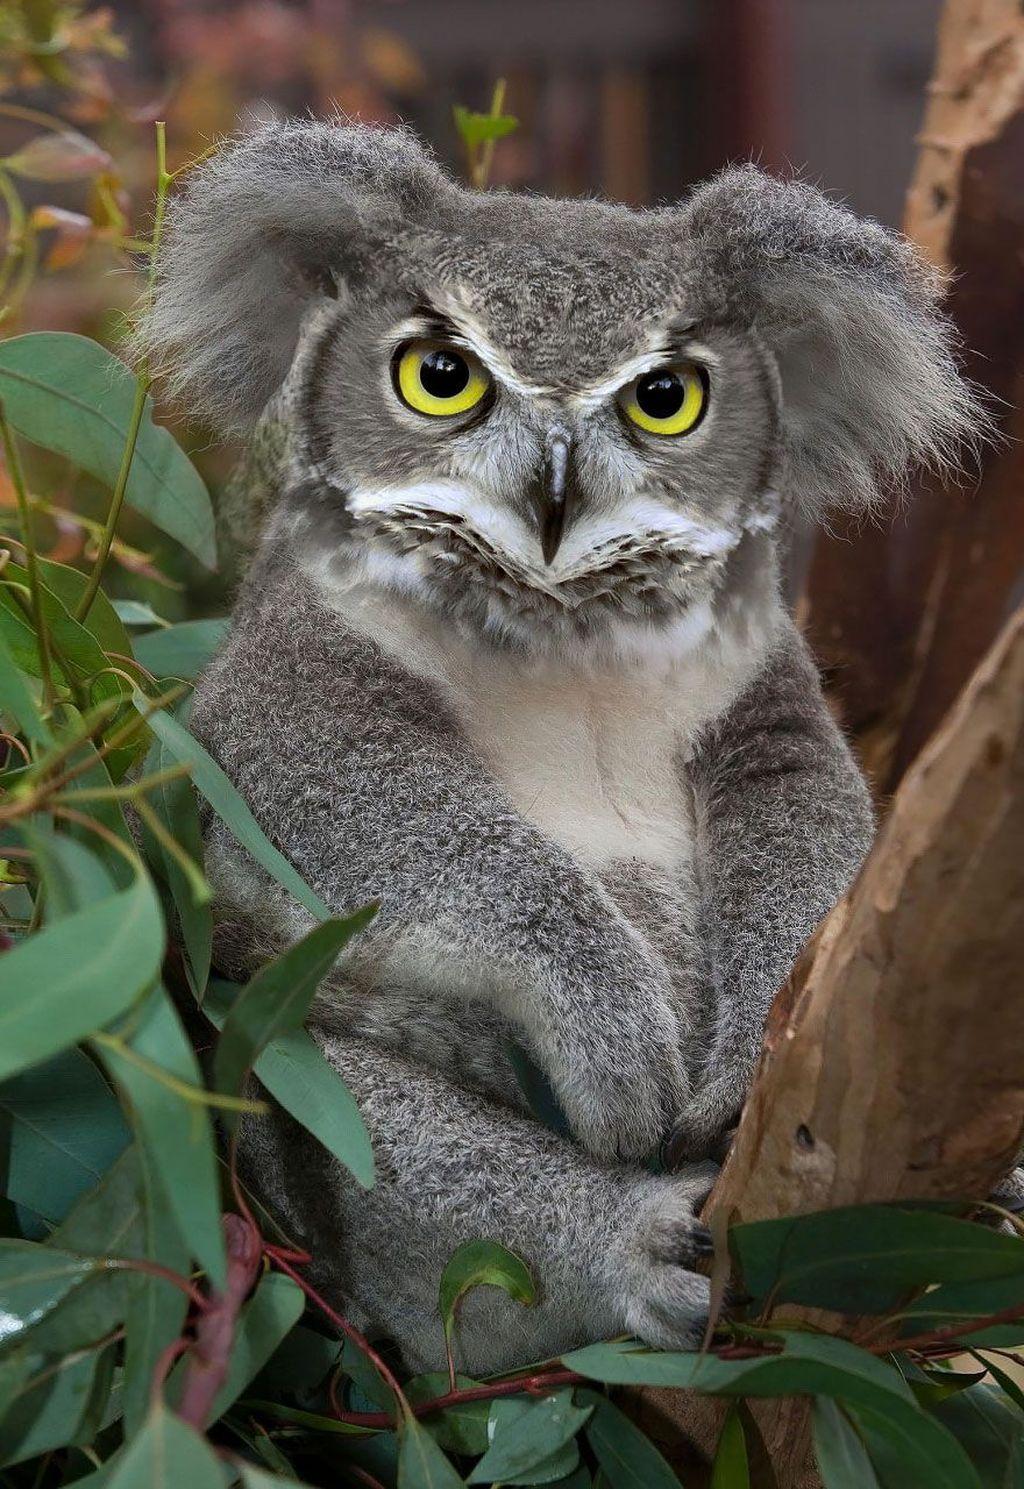 Koaowl, perpaduan koala dengan burung hantu. (Foto: Boredpanda)